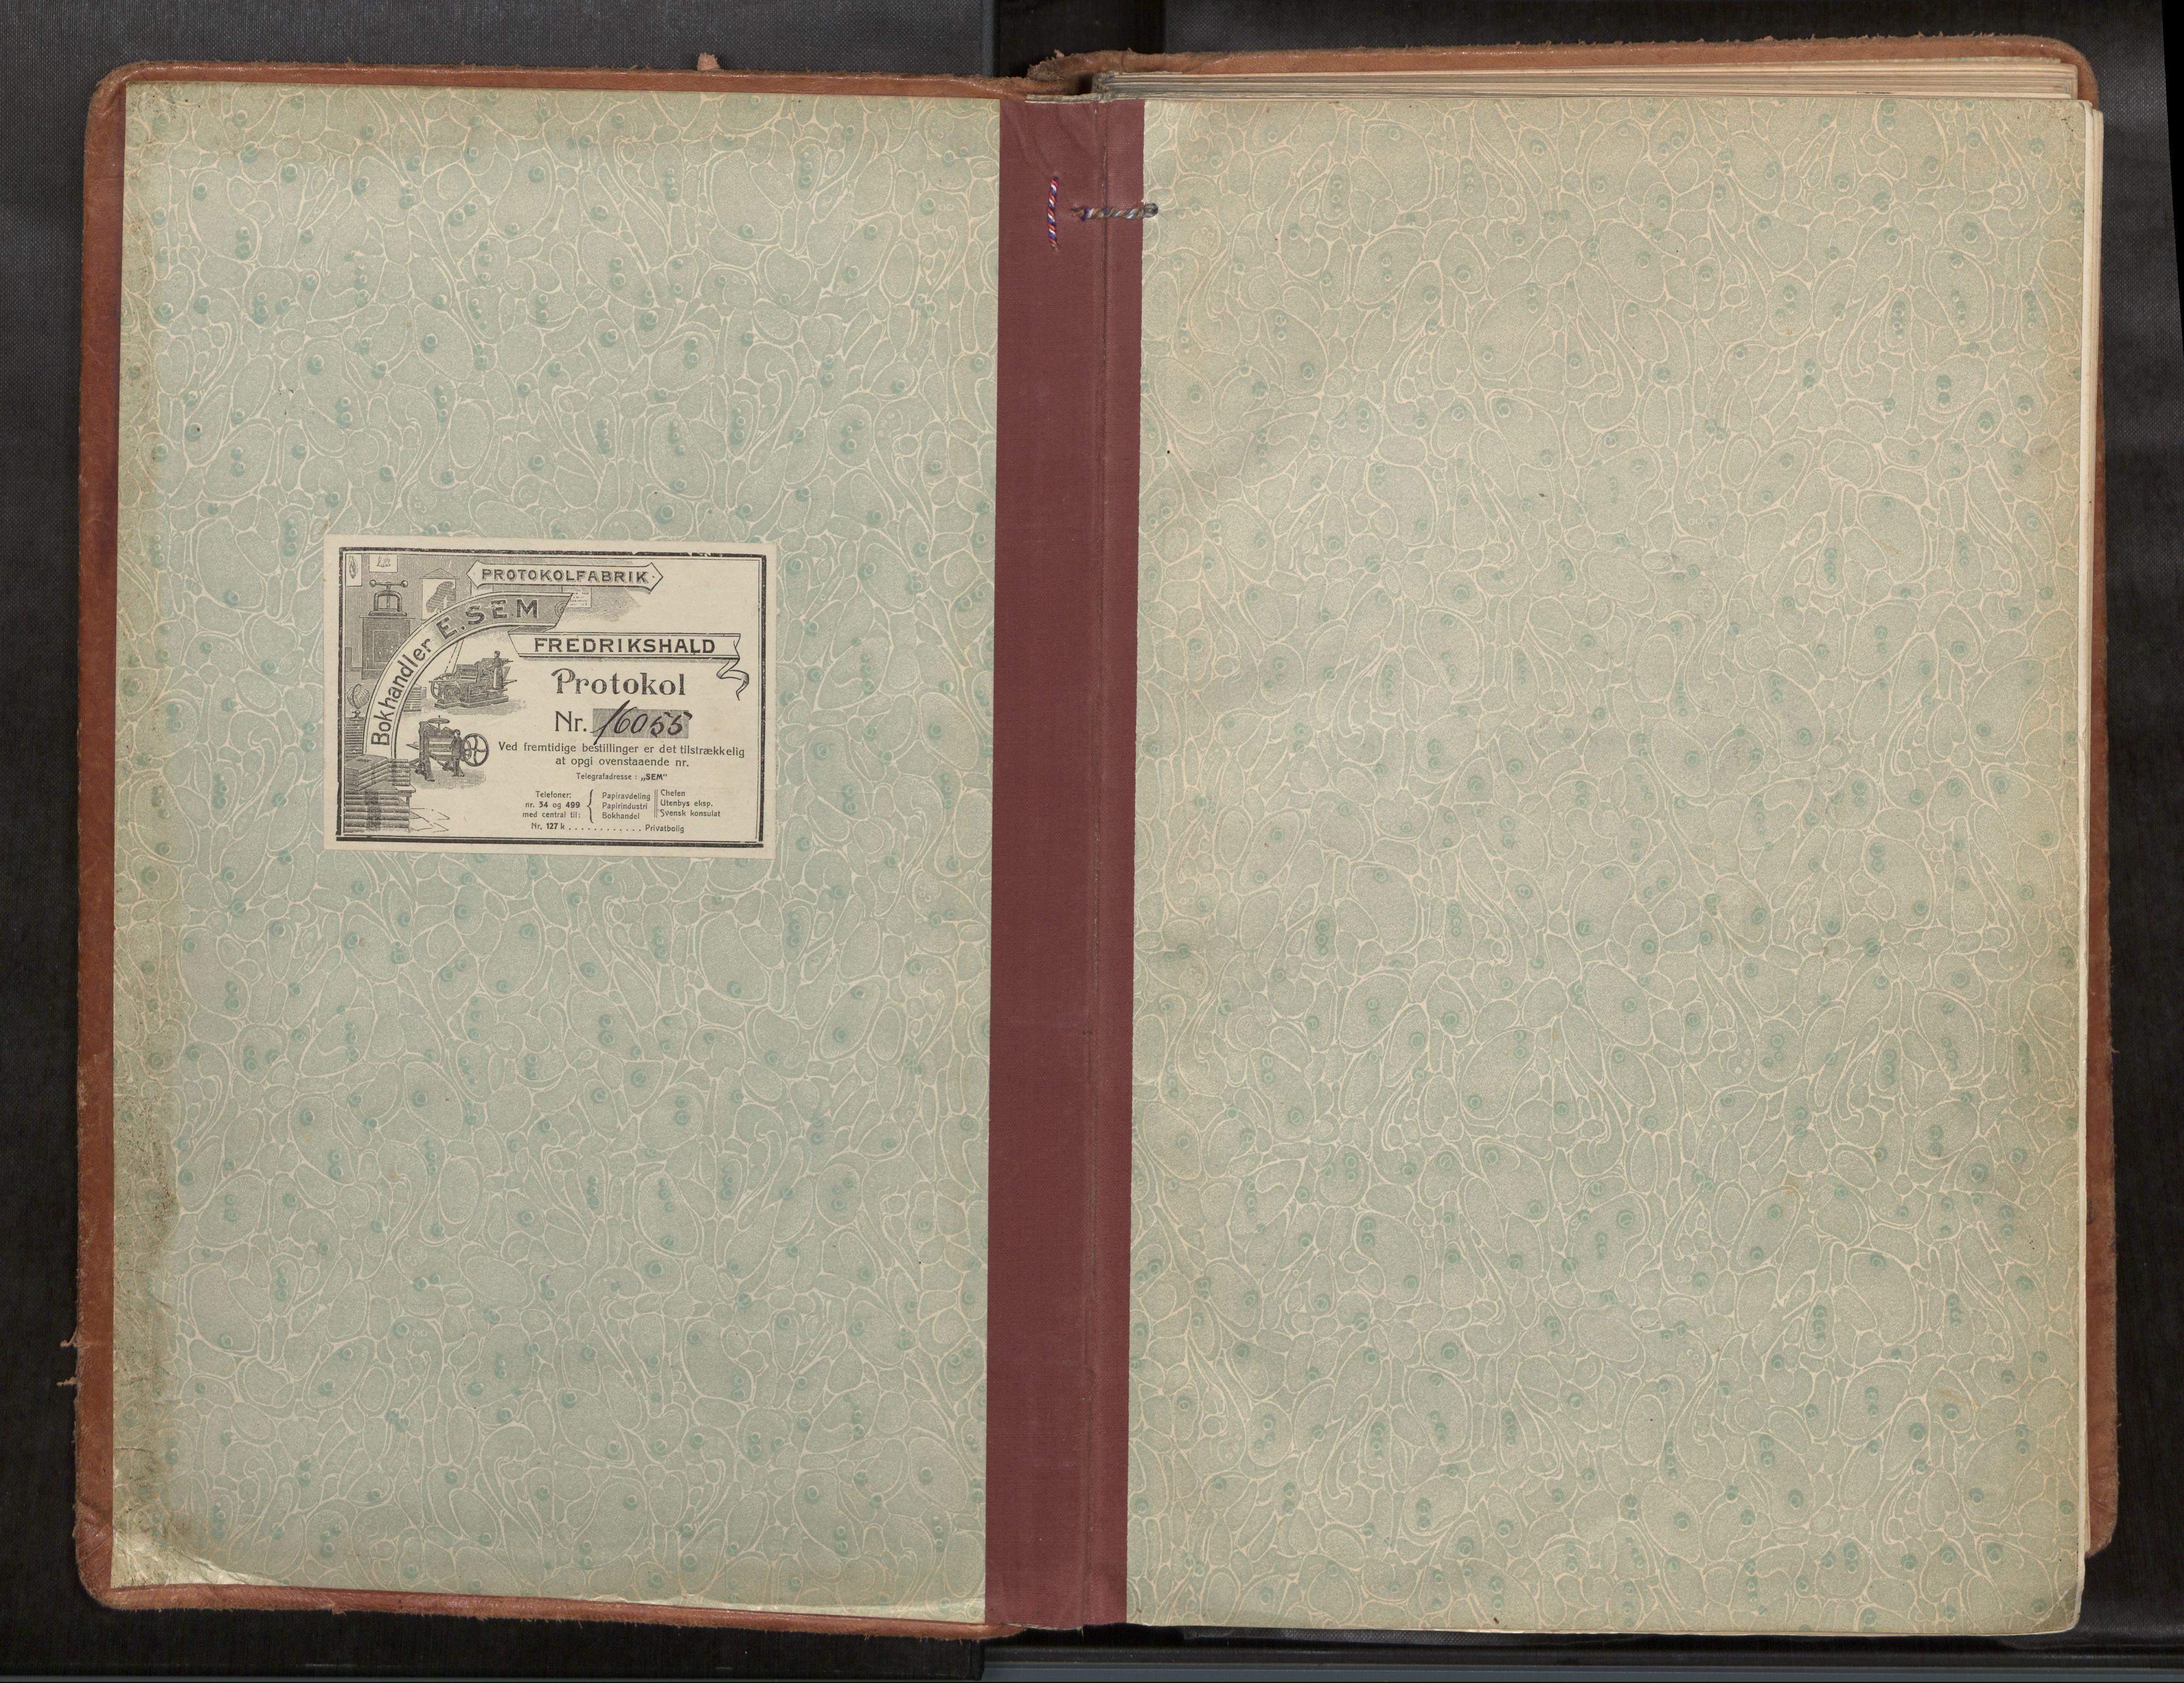 SAT, Verdal sokneprestkontor*, Parish register (official) no. 1, 1916-1928